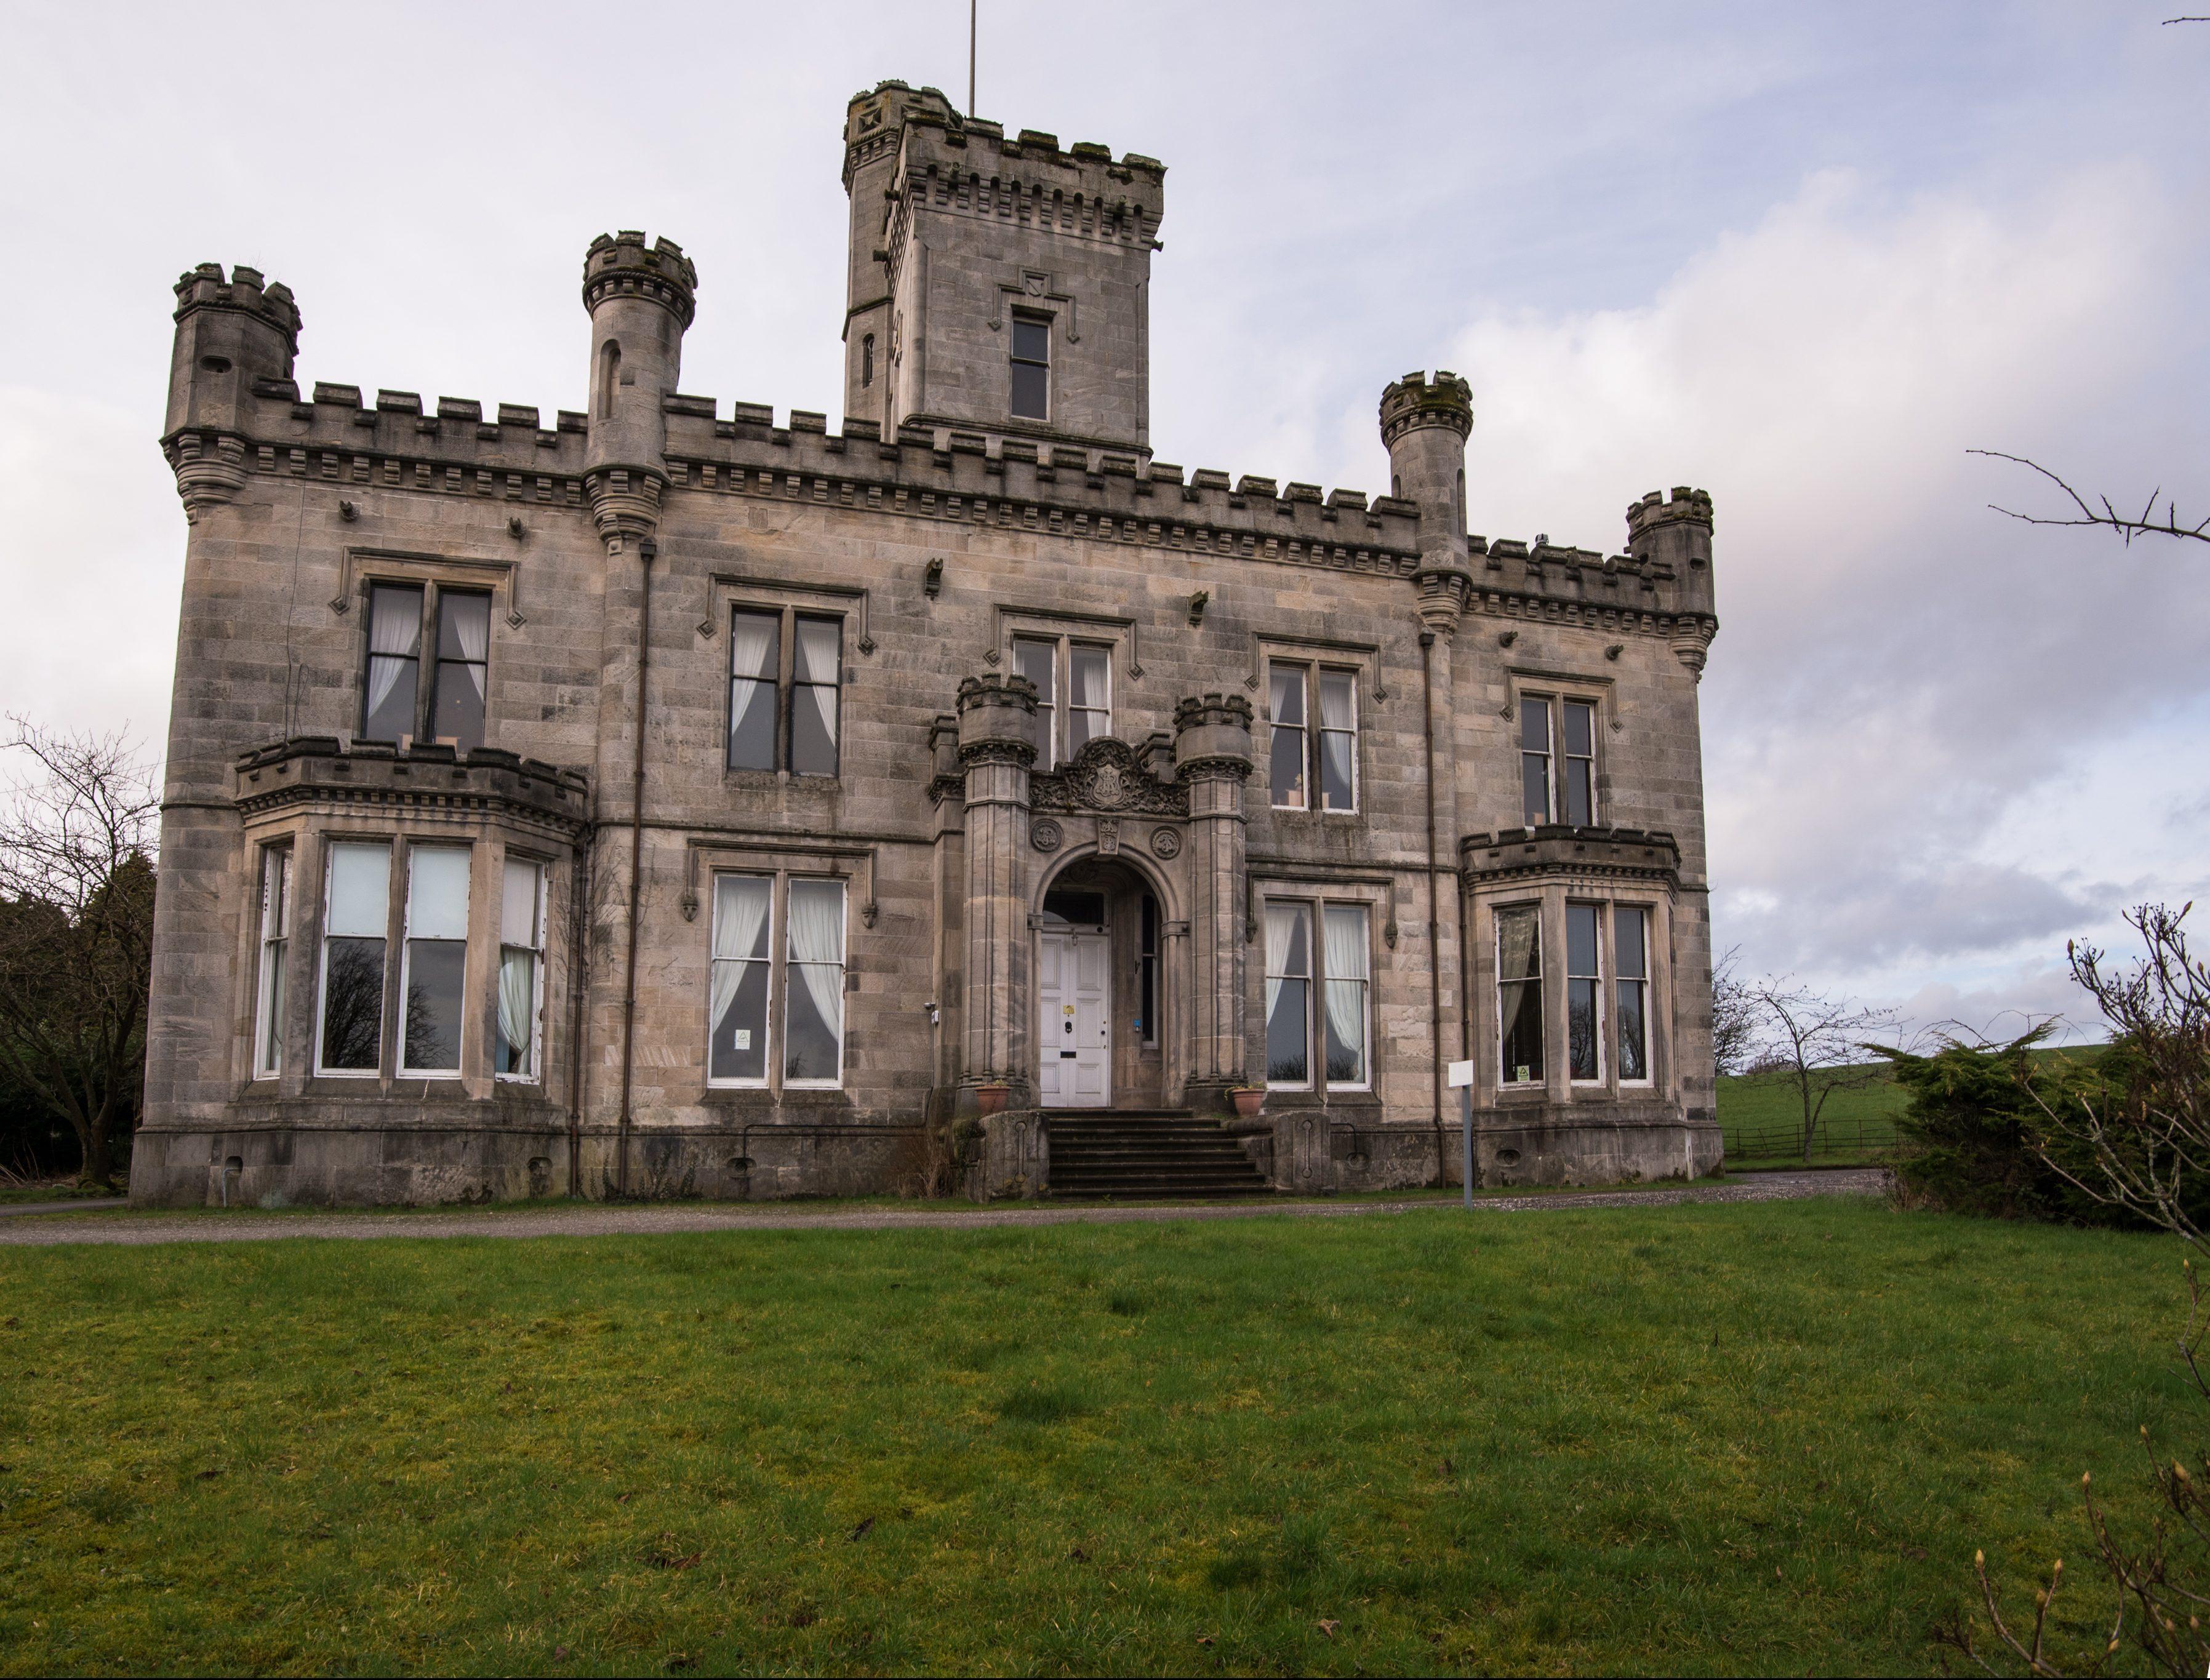 Dalmoak Castle in Dumbarton-Business News Scotland